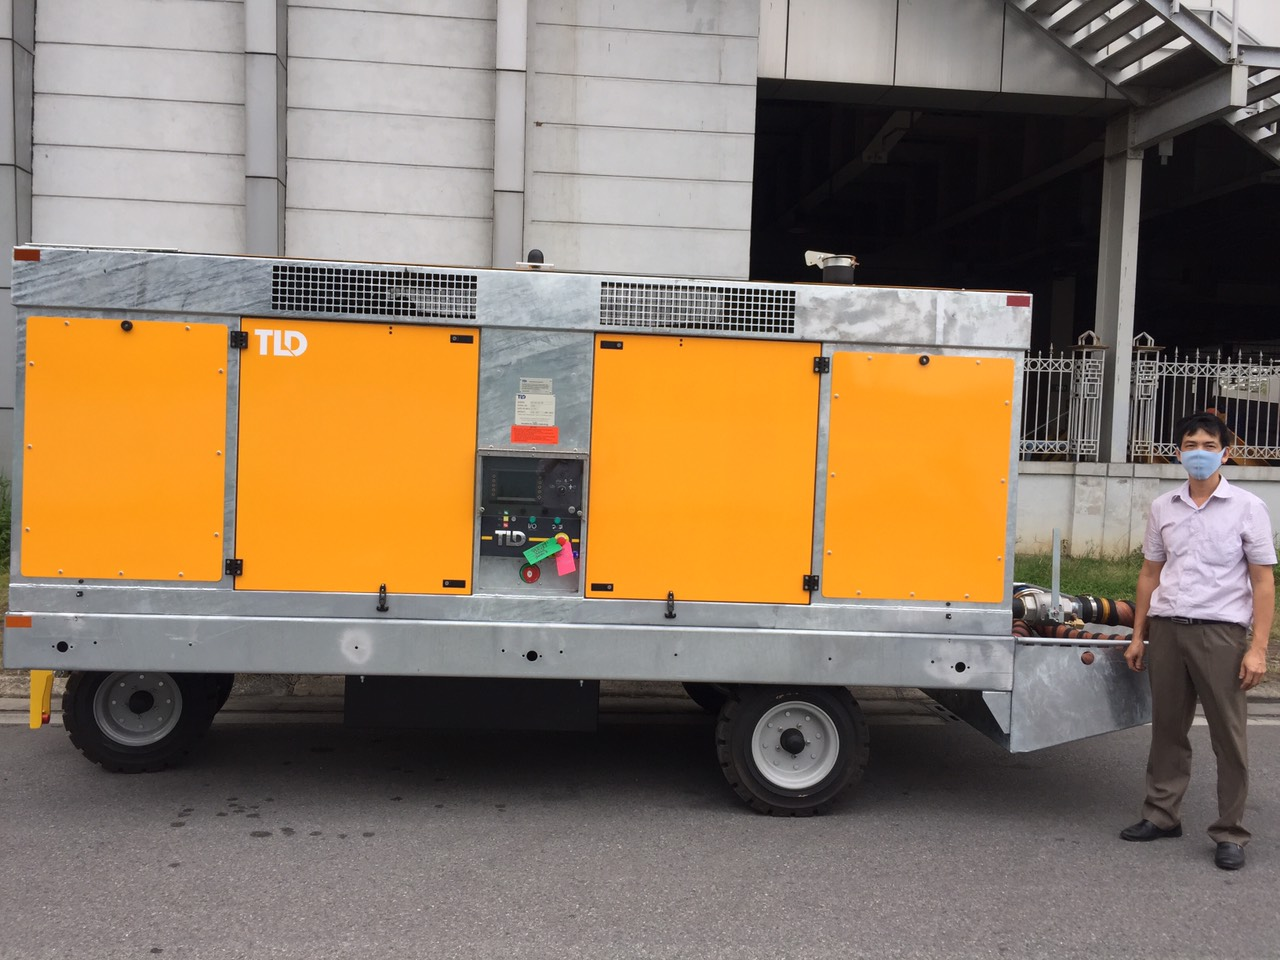 Bàn giao thiết bị khởi động khí ASU-600 -180-DDP cho HGS tại sân bay Nội Bài